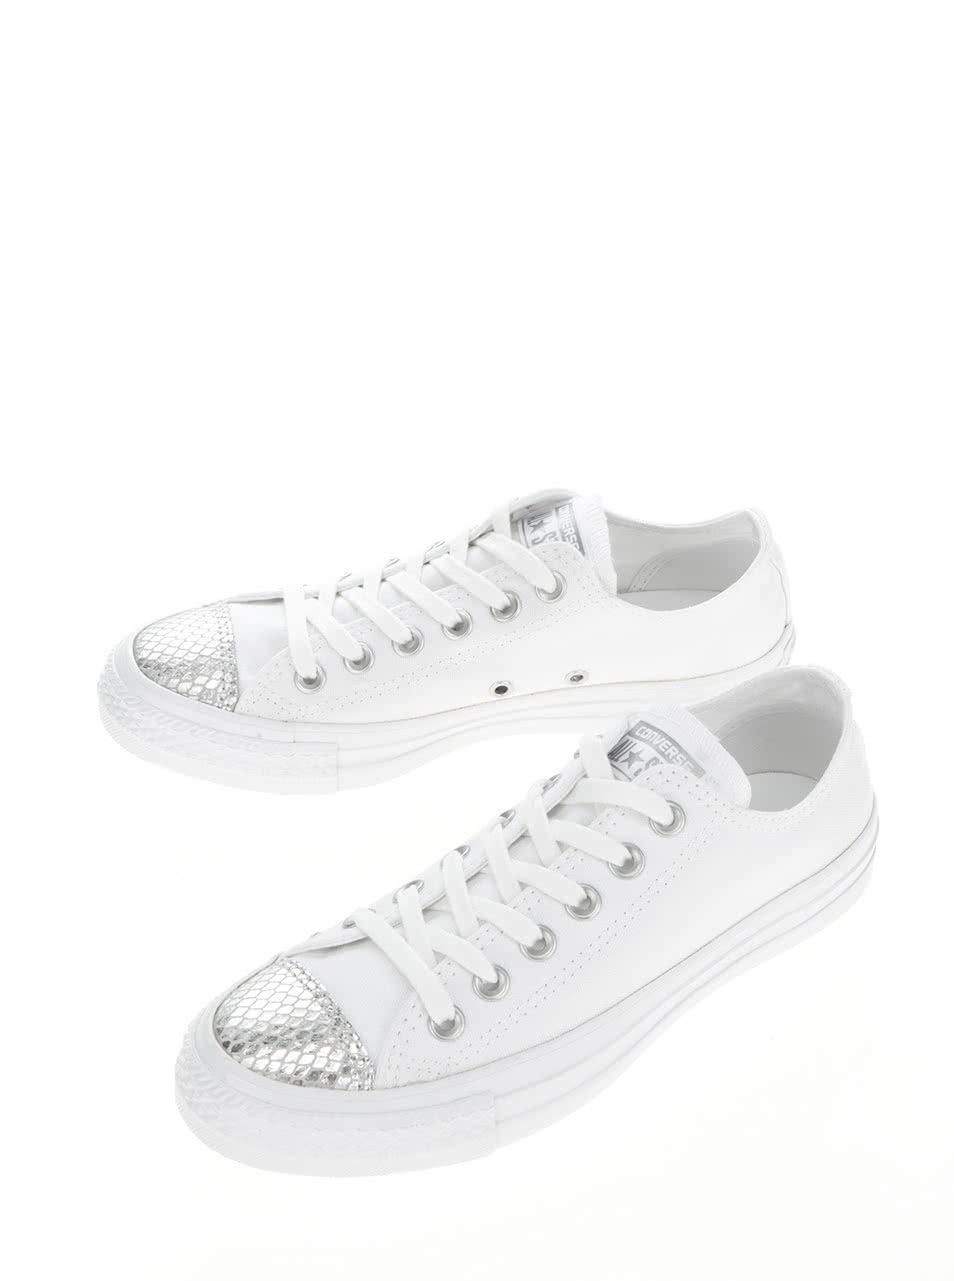 Bílé dámské tenisky s detaily ve stříbrné barvě Converse Chuck Taylor All  Star ... 89891d78ce